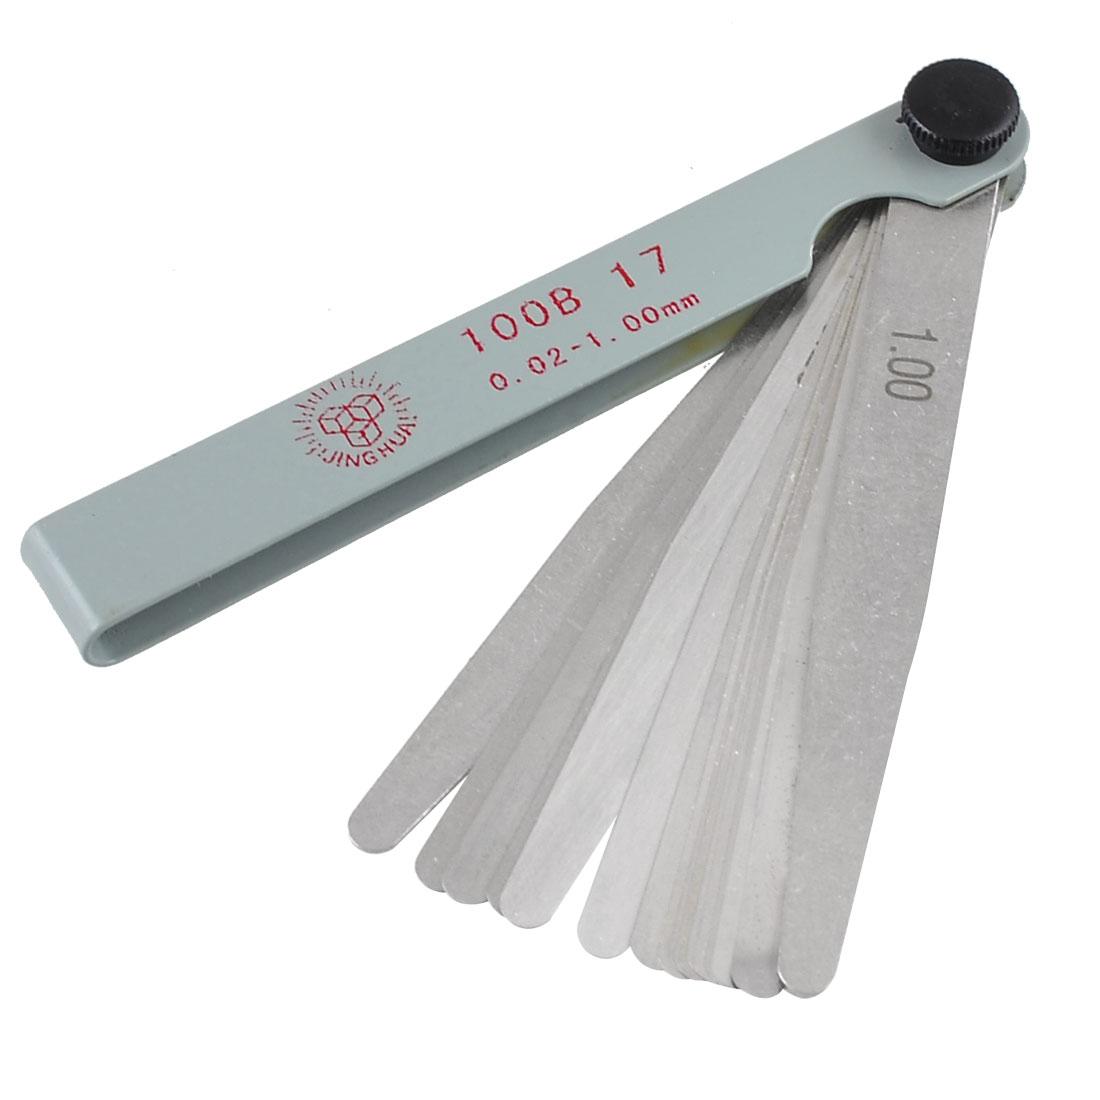 17 in 1 0.02-1.00mm Metric Gap Measure Feeler Gauge Tool 11cm Long